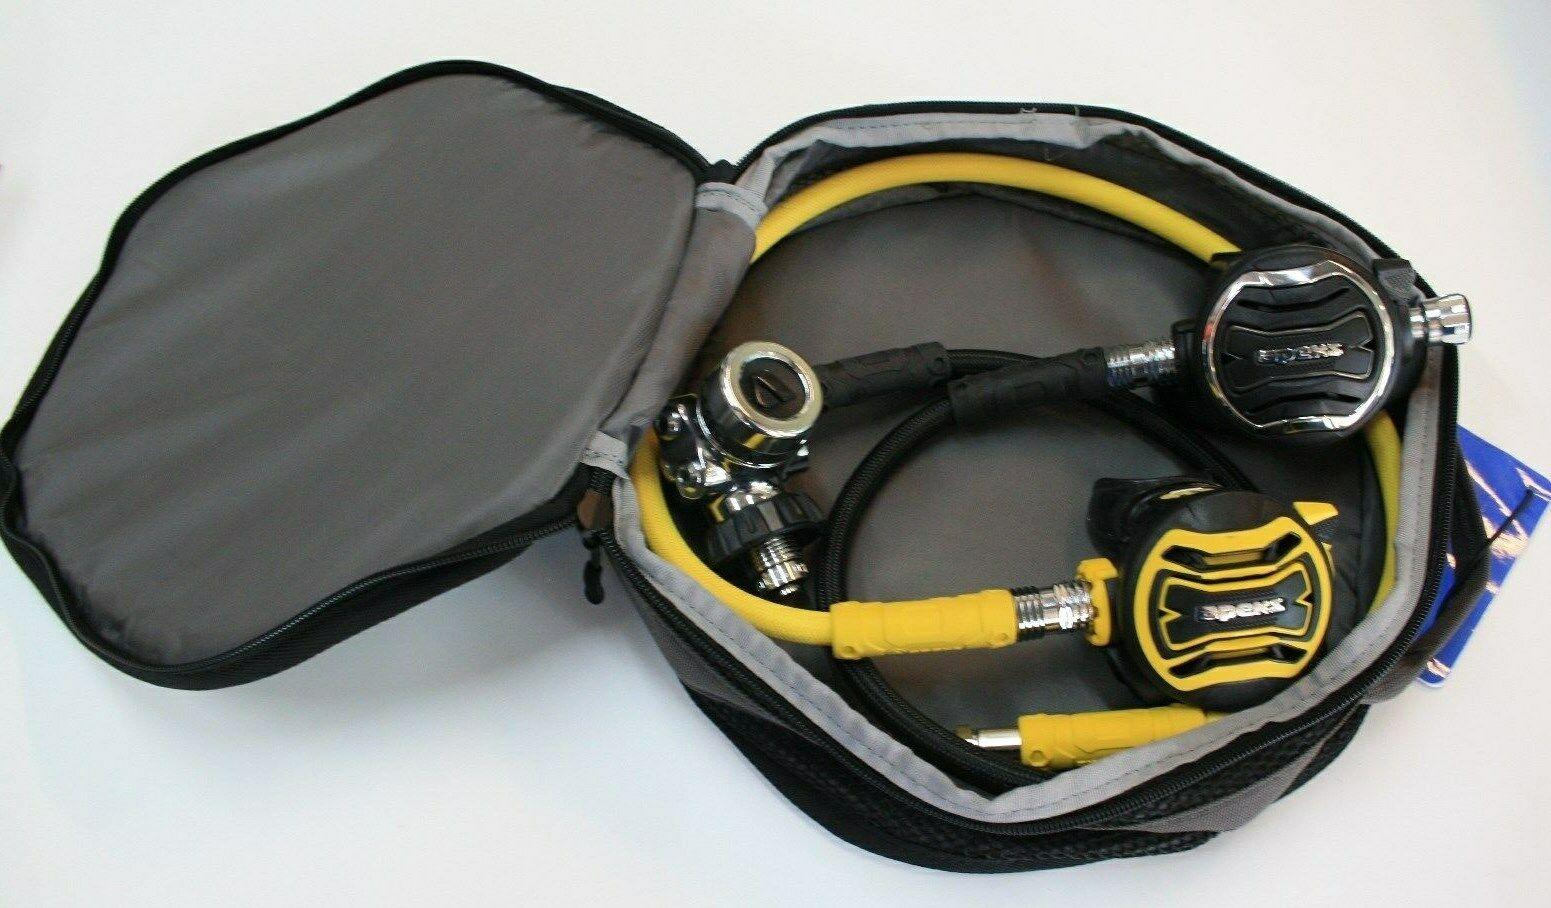 APEKS XTX 200 DIN Kaltwasserset + Octopus XTX 40 + DS4 und Tasche